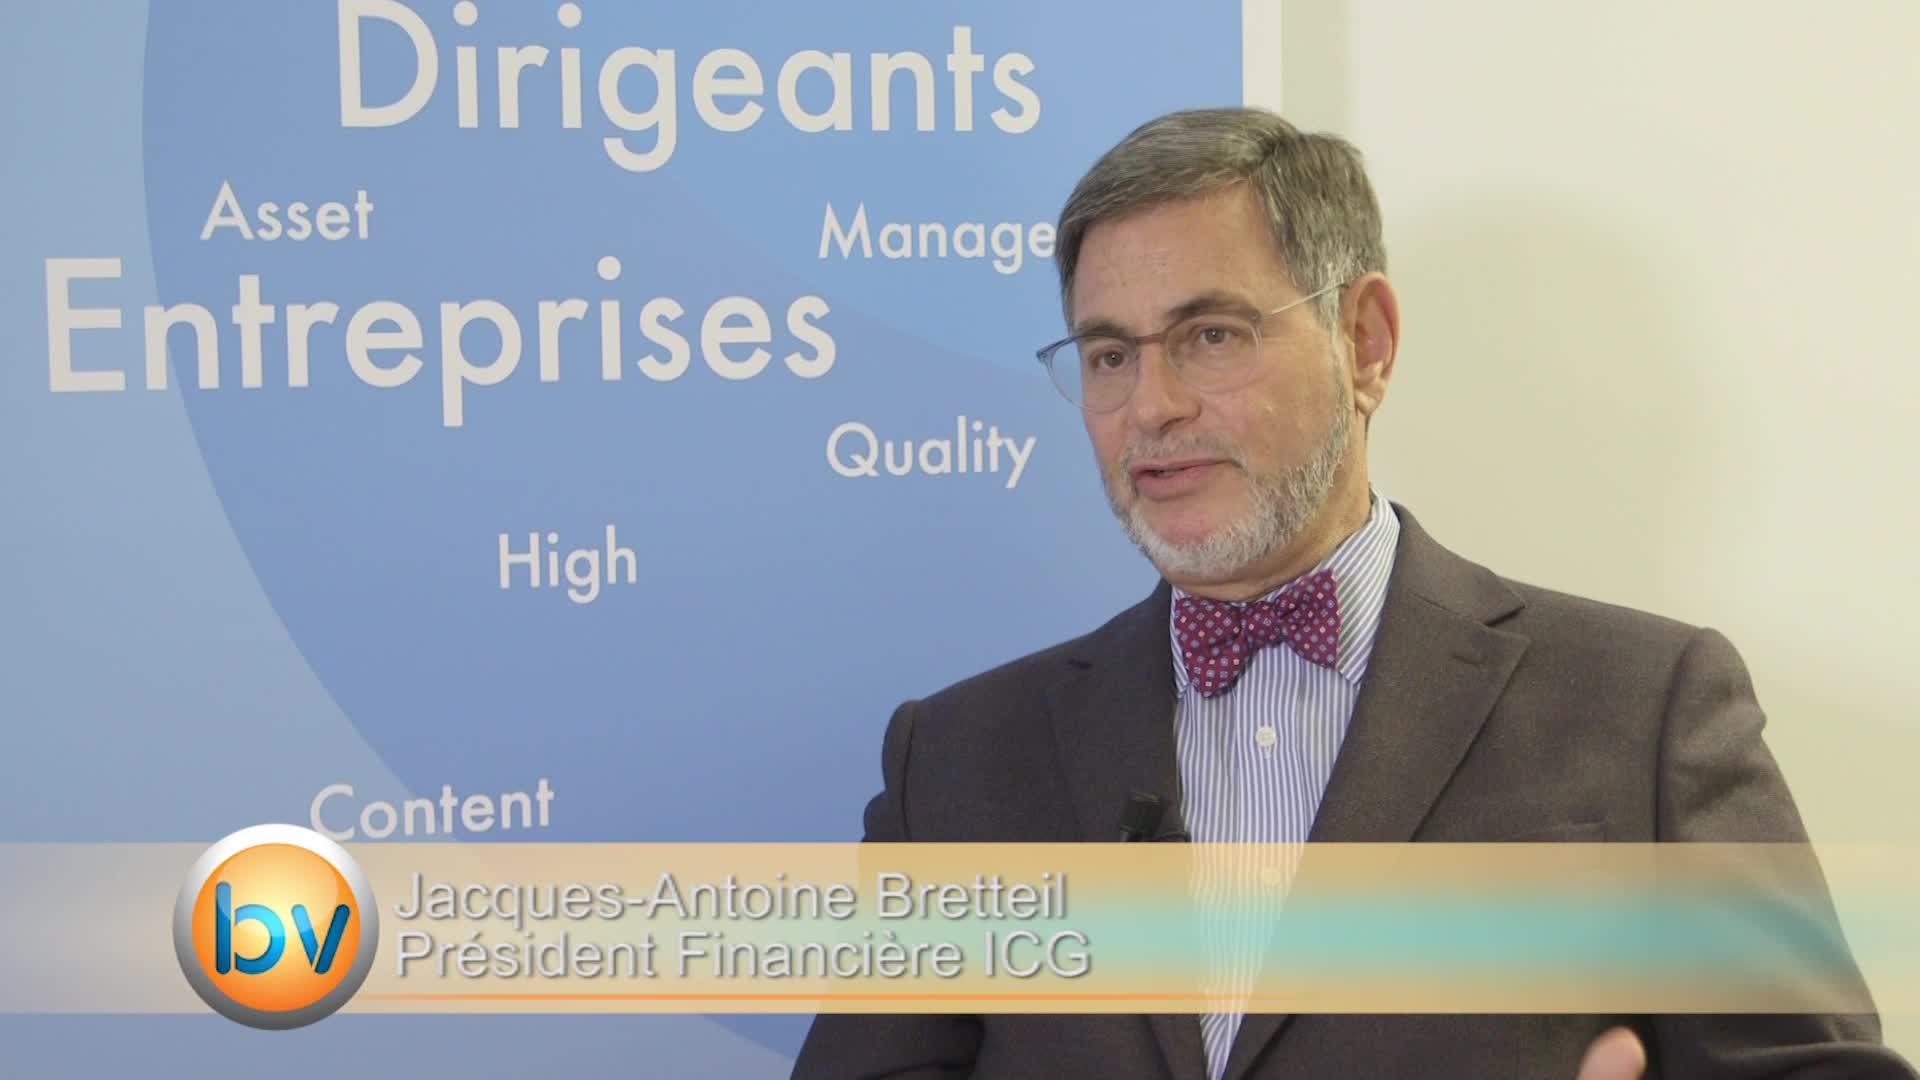 Jacques-Antoine Bretteil Président Financière ICG : «Une distorsion entre la sphère économique et la sphère financière»